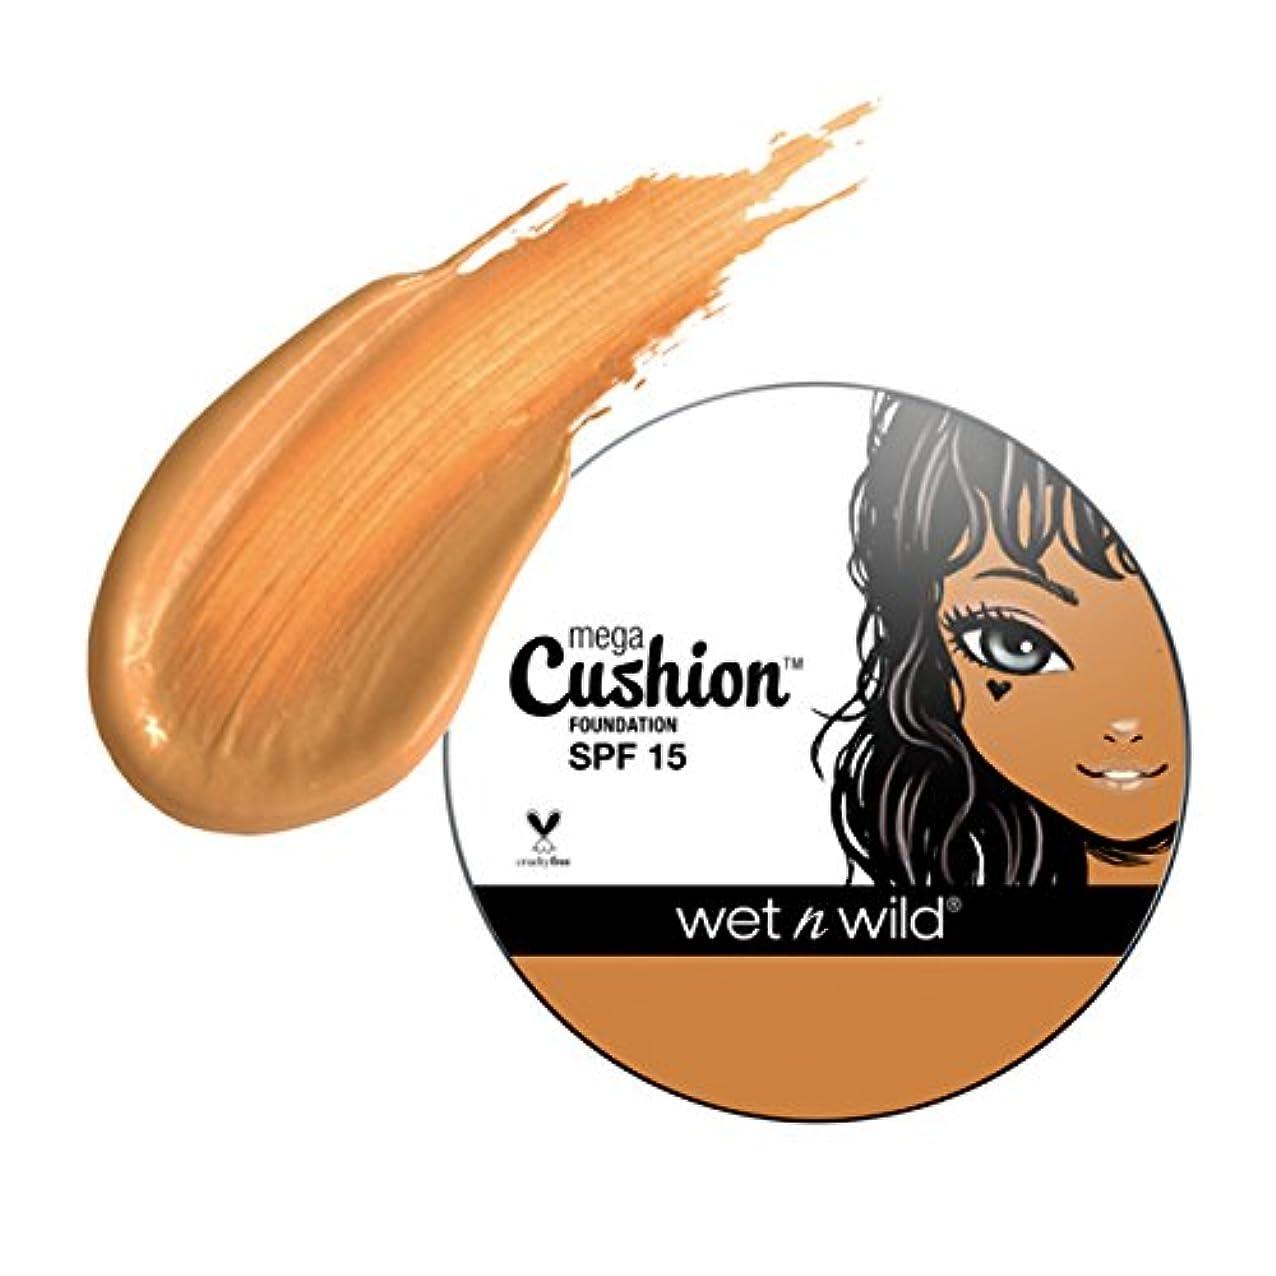 なに序文降臨(3 Pack) WET N WILD MegaCushion Foundation SPF 15 - Tawny (並行輸入品)